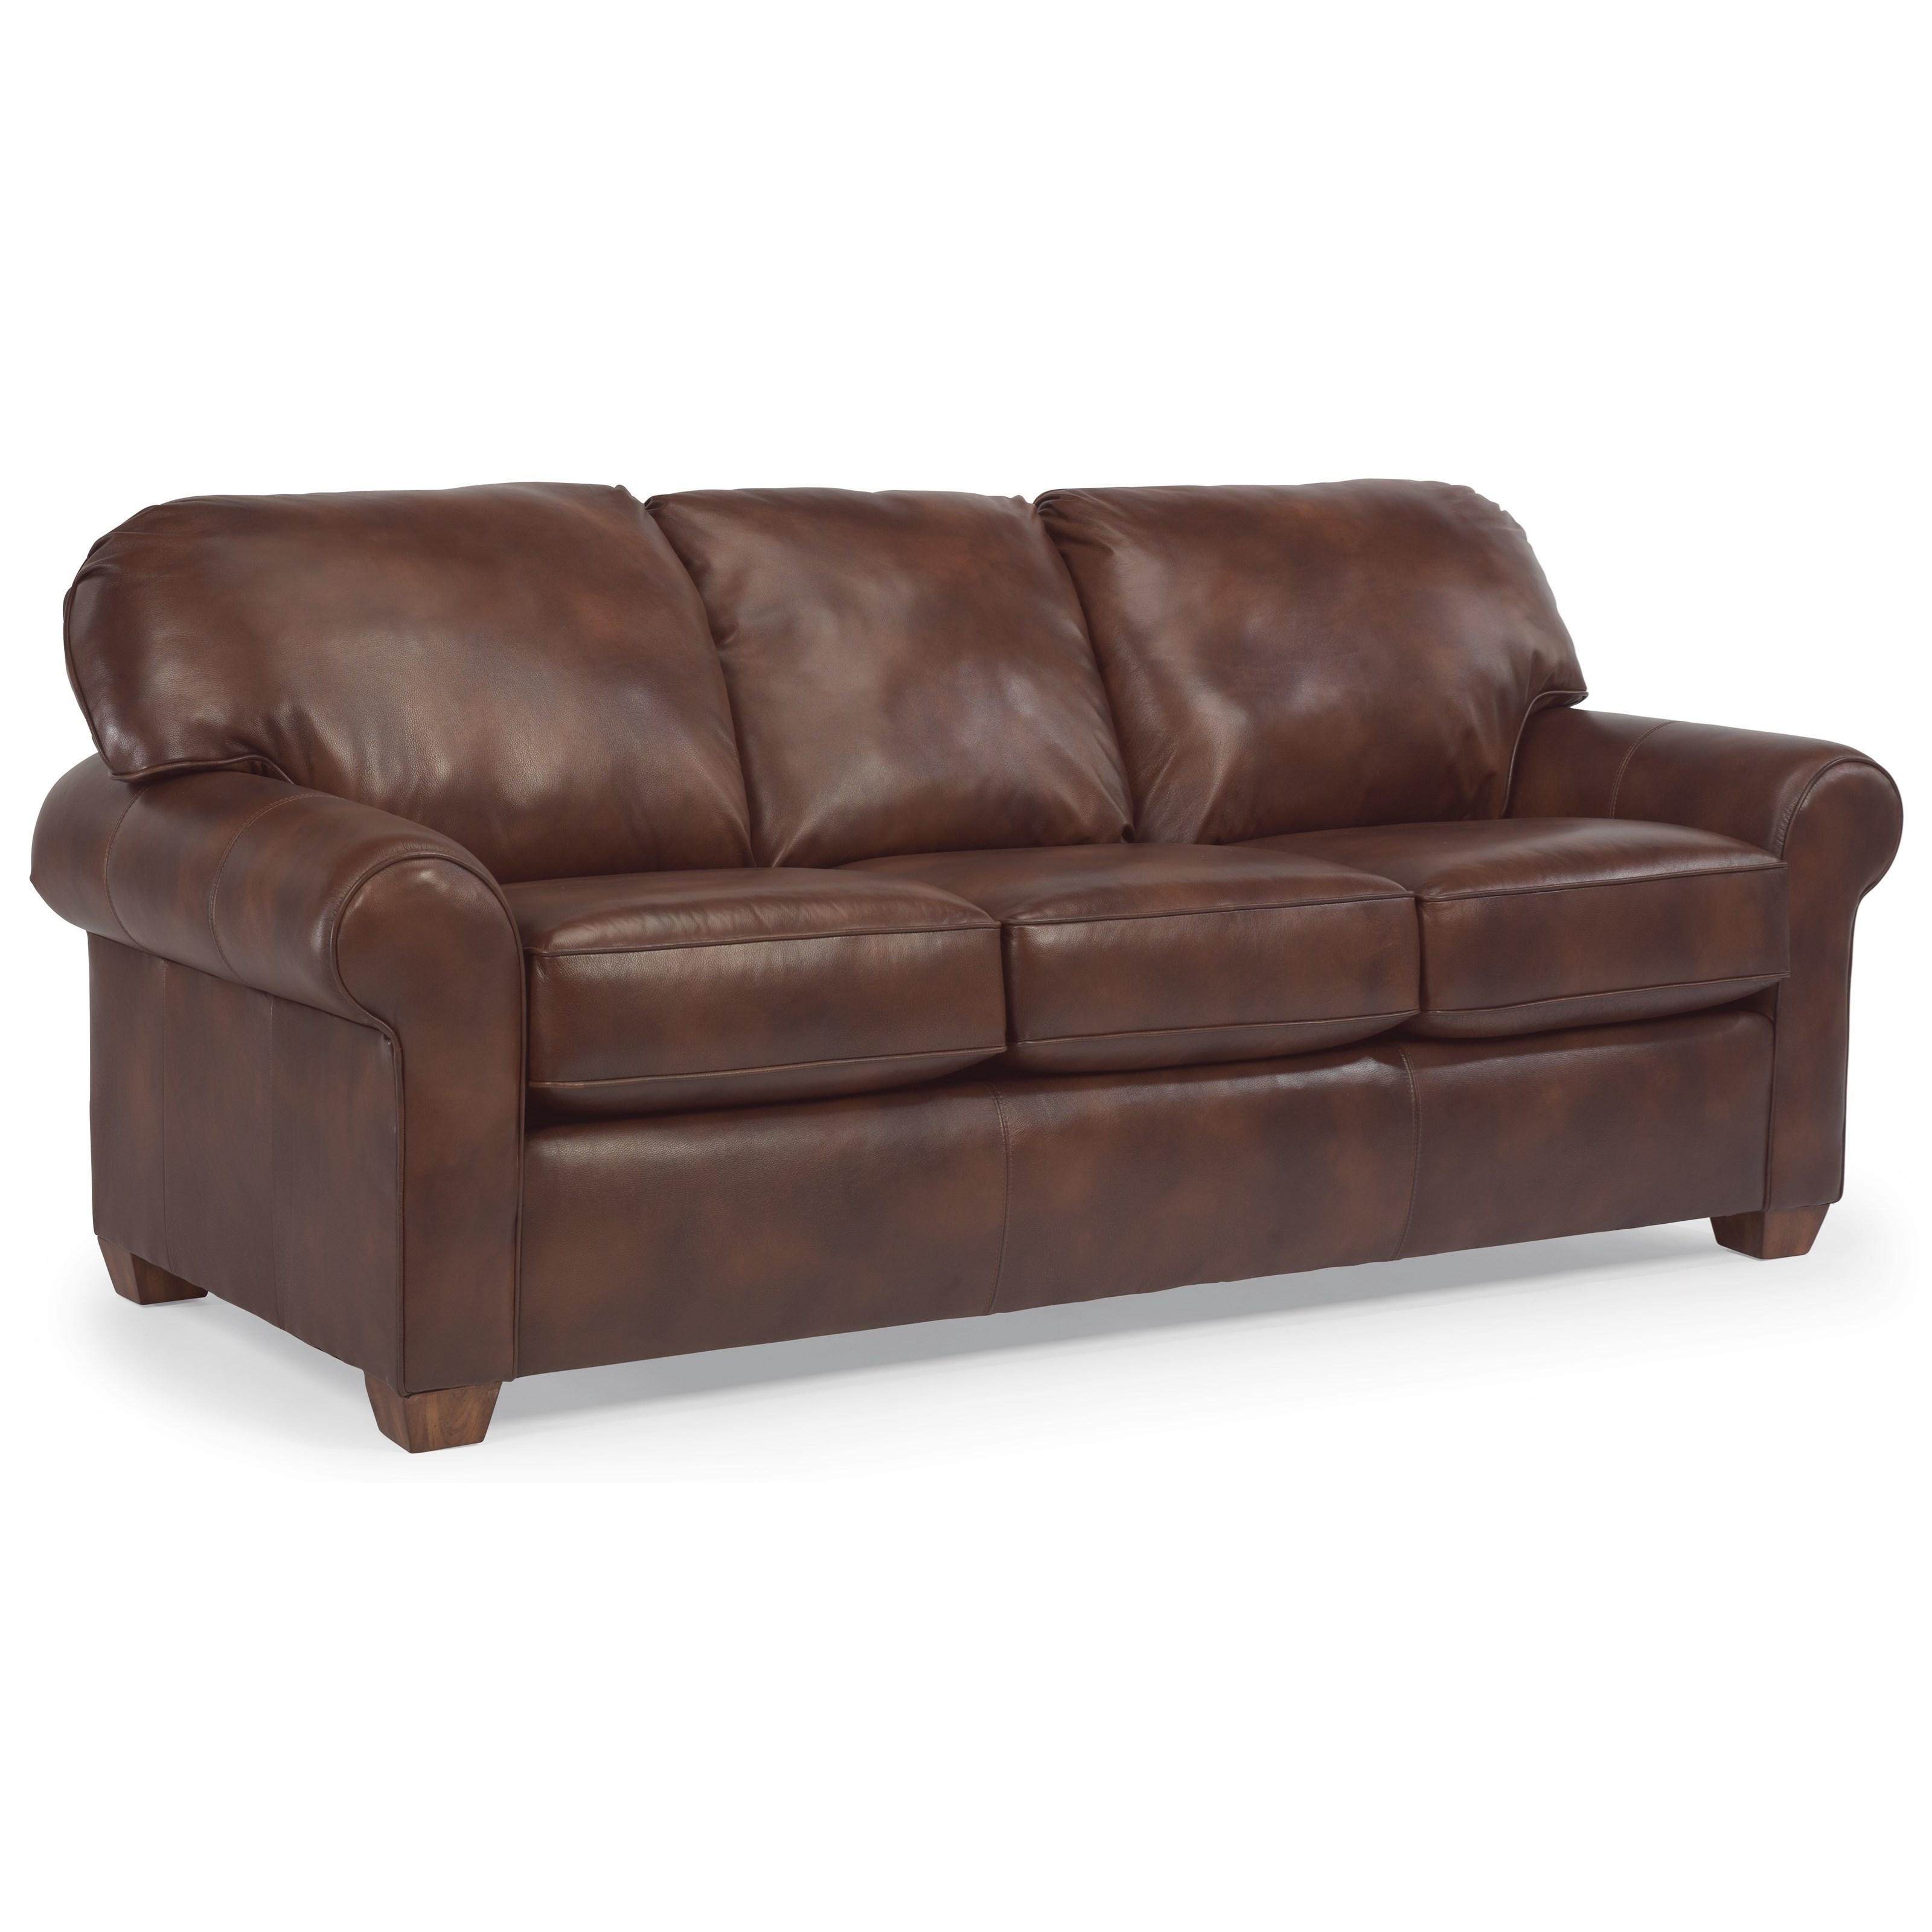 Flexsteel Wrangler Sofa: Flexsteel Thornton 3535-44 Queen Sleeper Sofa